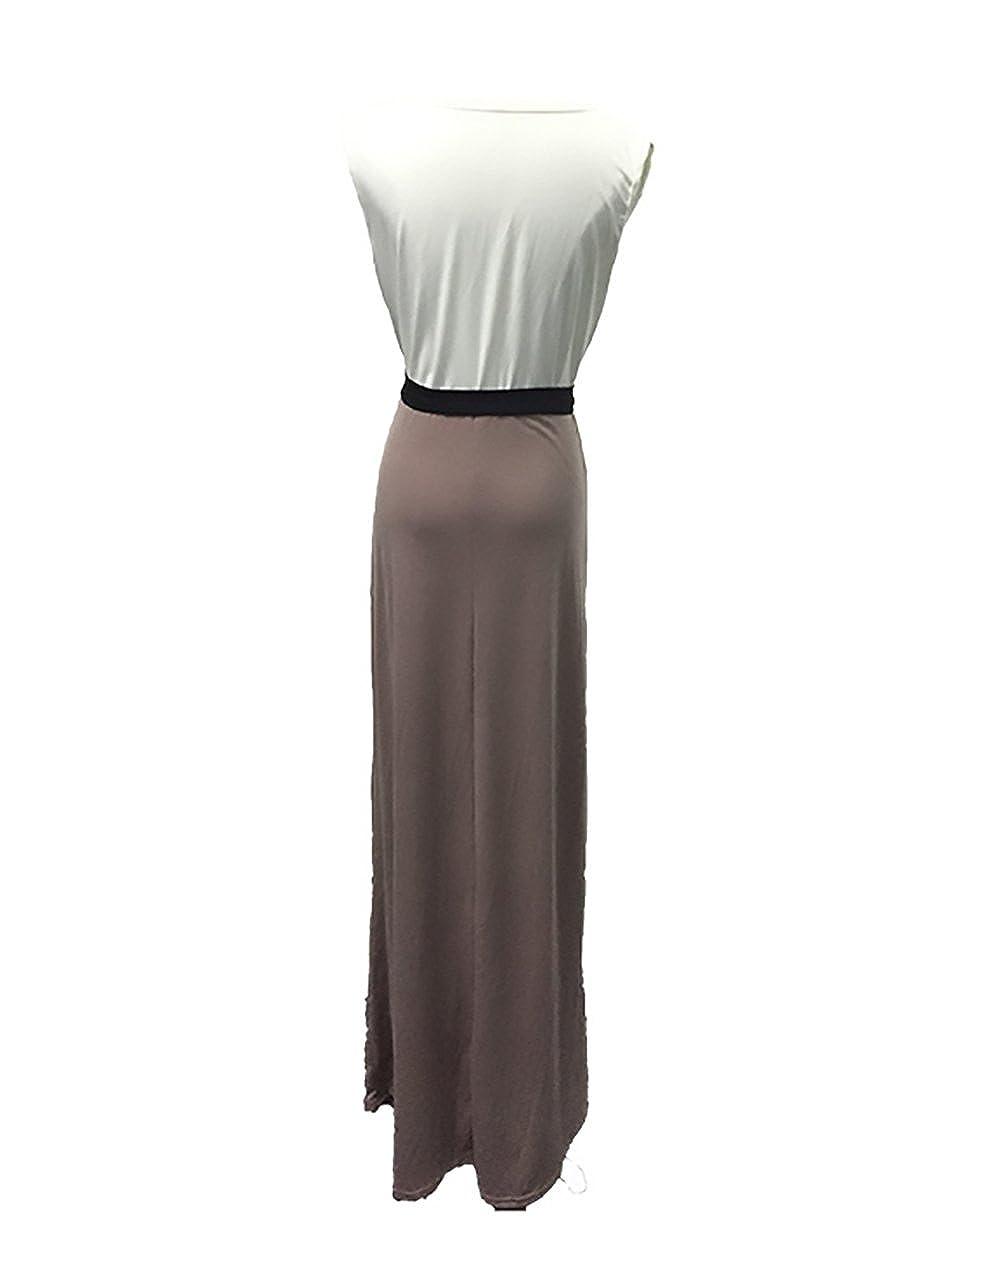 Mujer Vestidos Dulce Lindo Chic Casual Verano Sin Mangas V Cuello Vestido con Cinturón Patchwork Slim Fit Color Sólido: Amazon.es: Ropa y accesorios